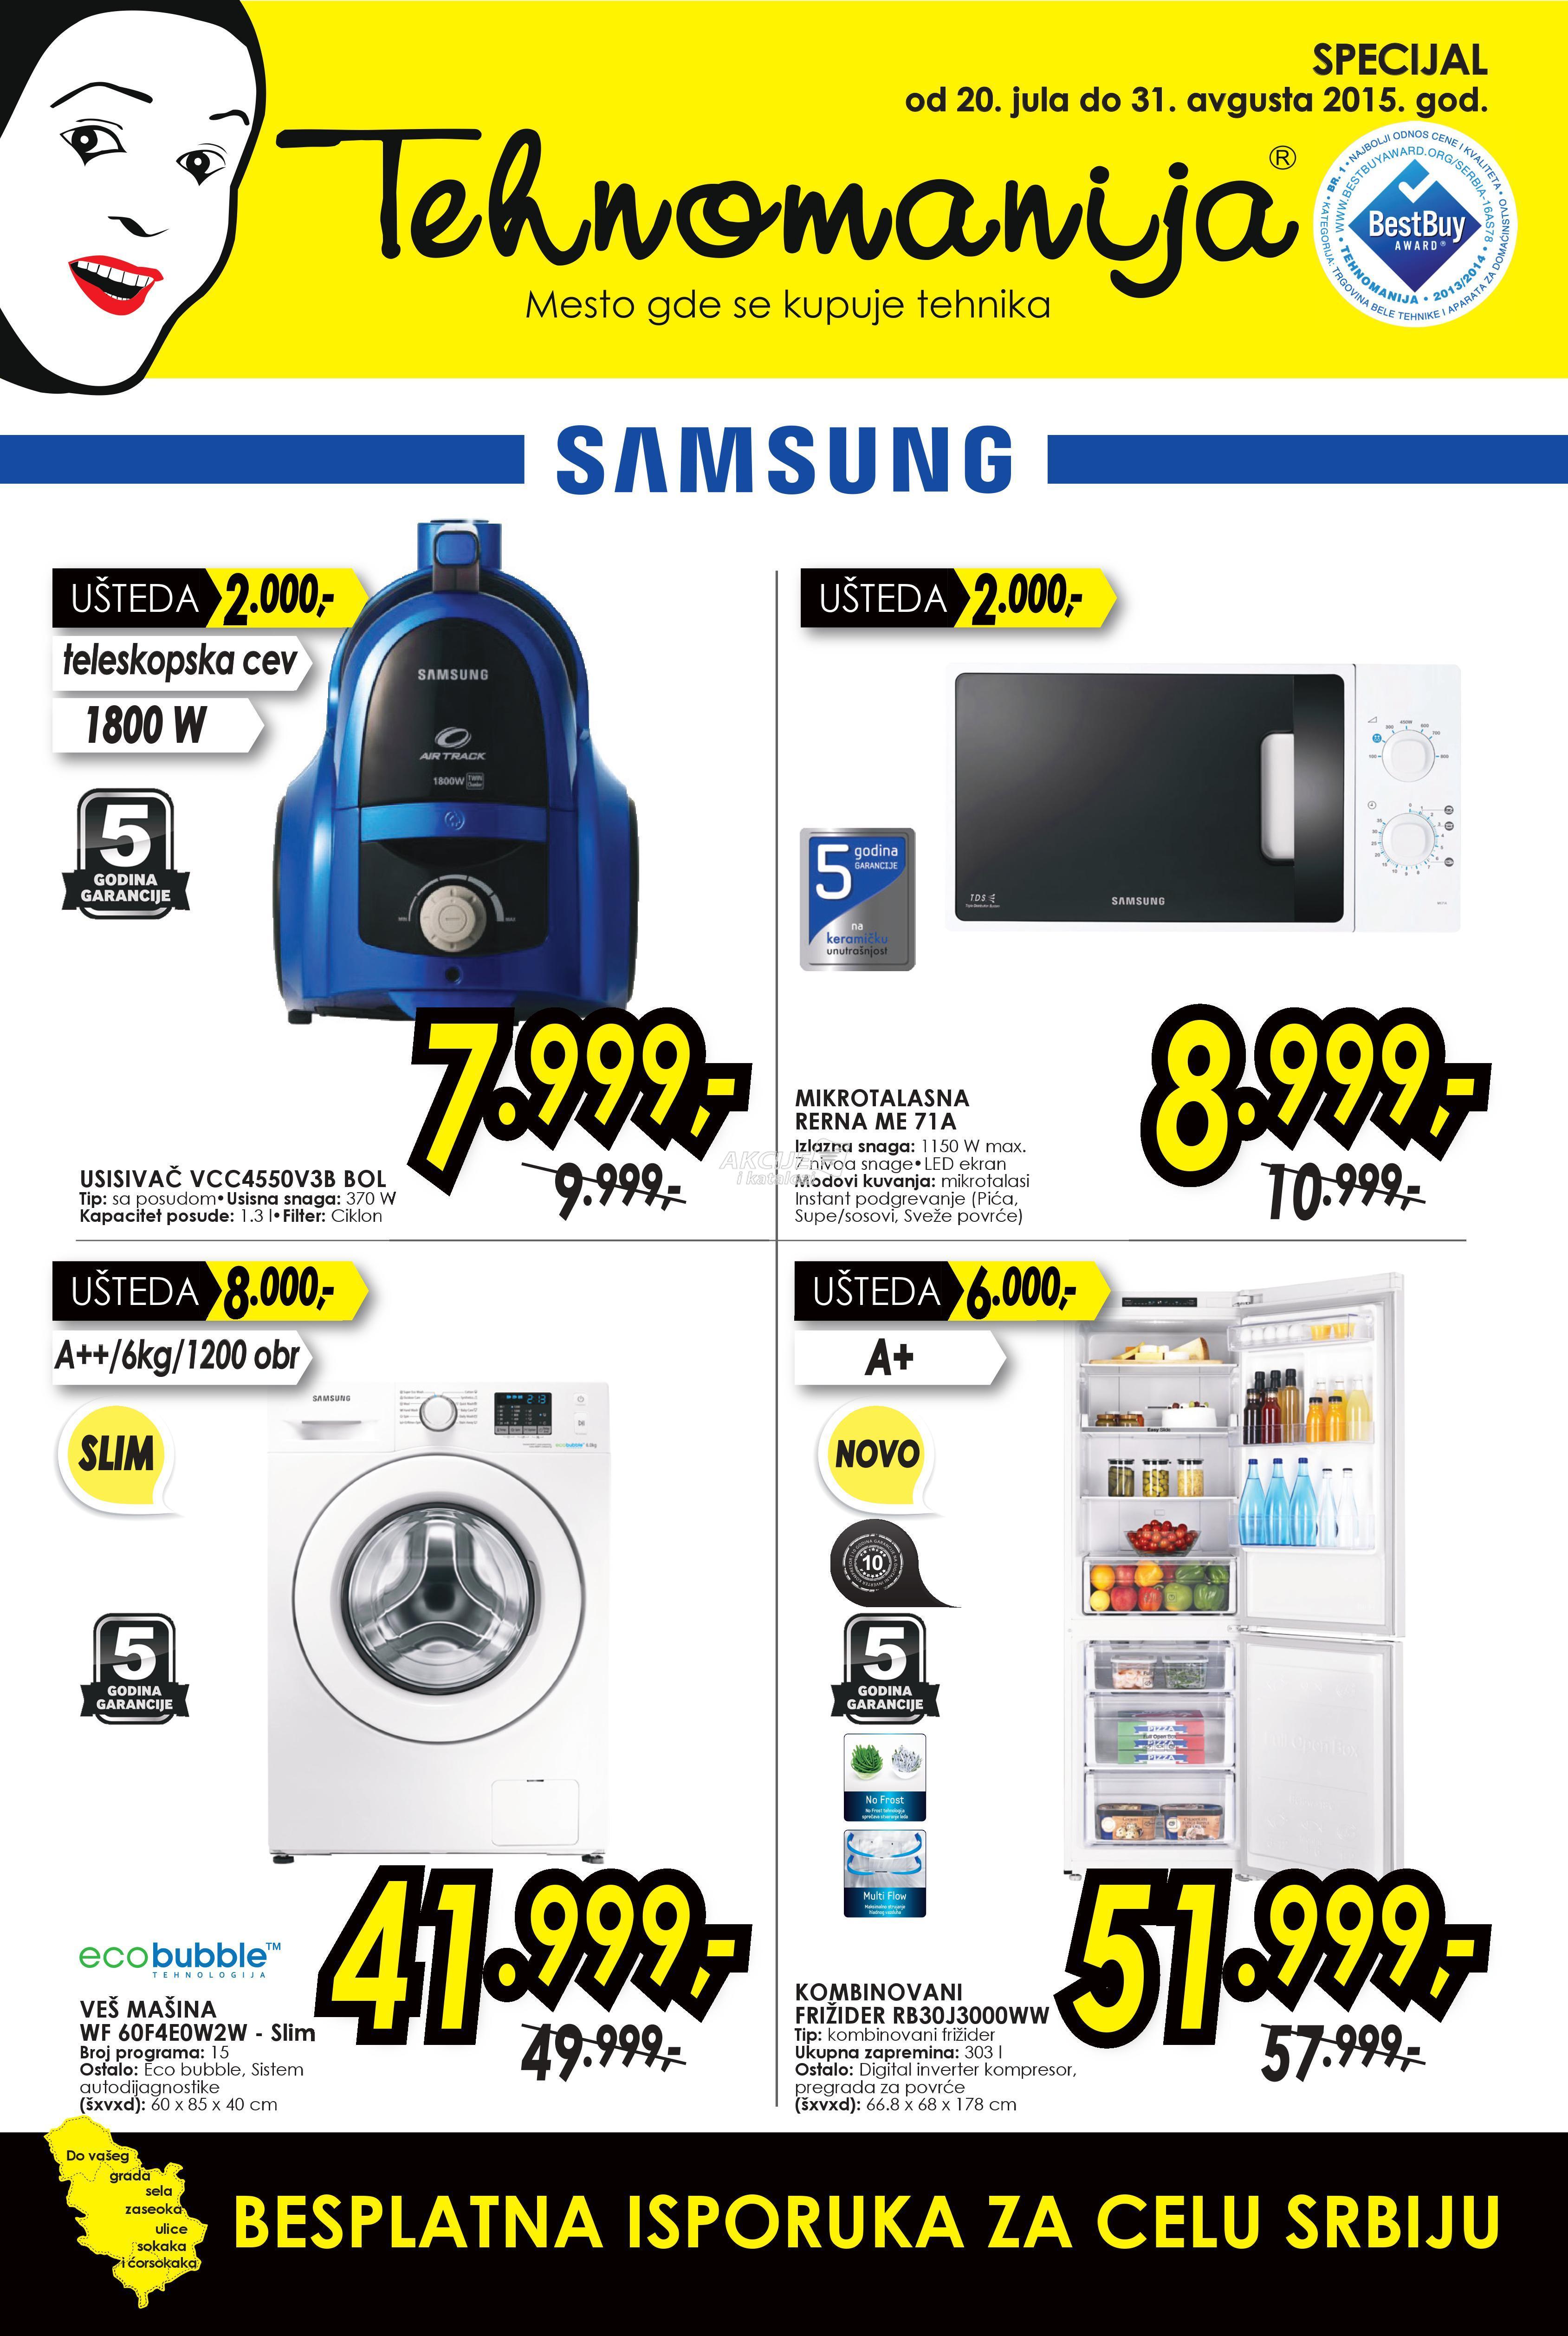 Tehnomanija - Redovna akcija Samsung uređaja